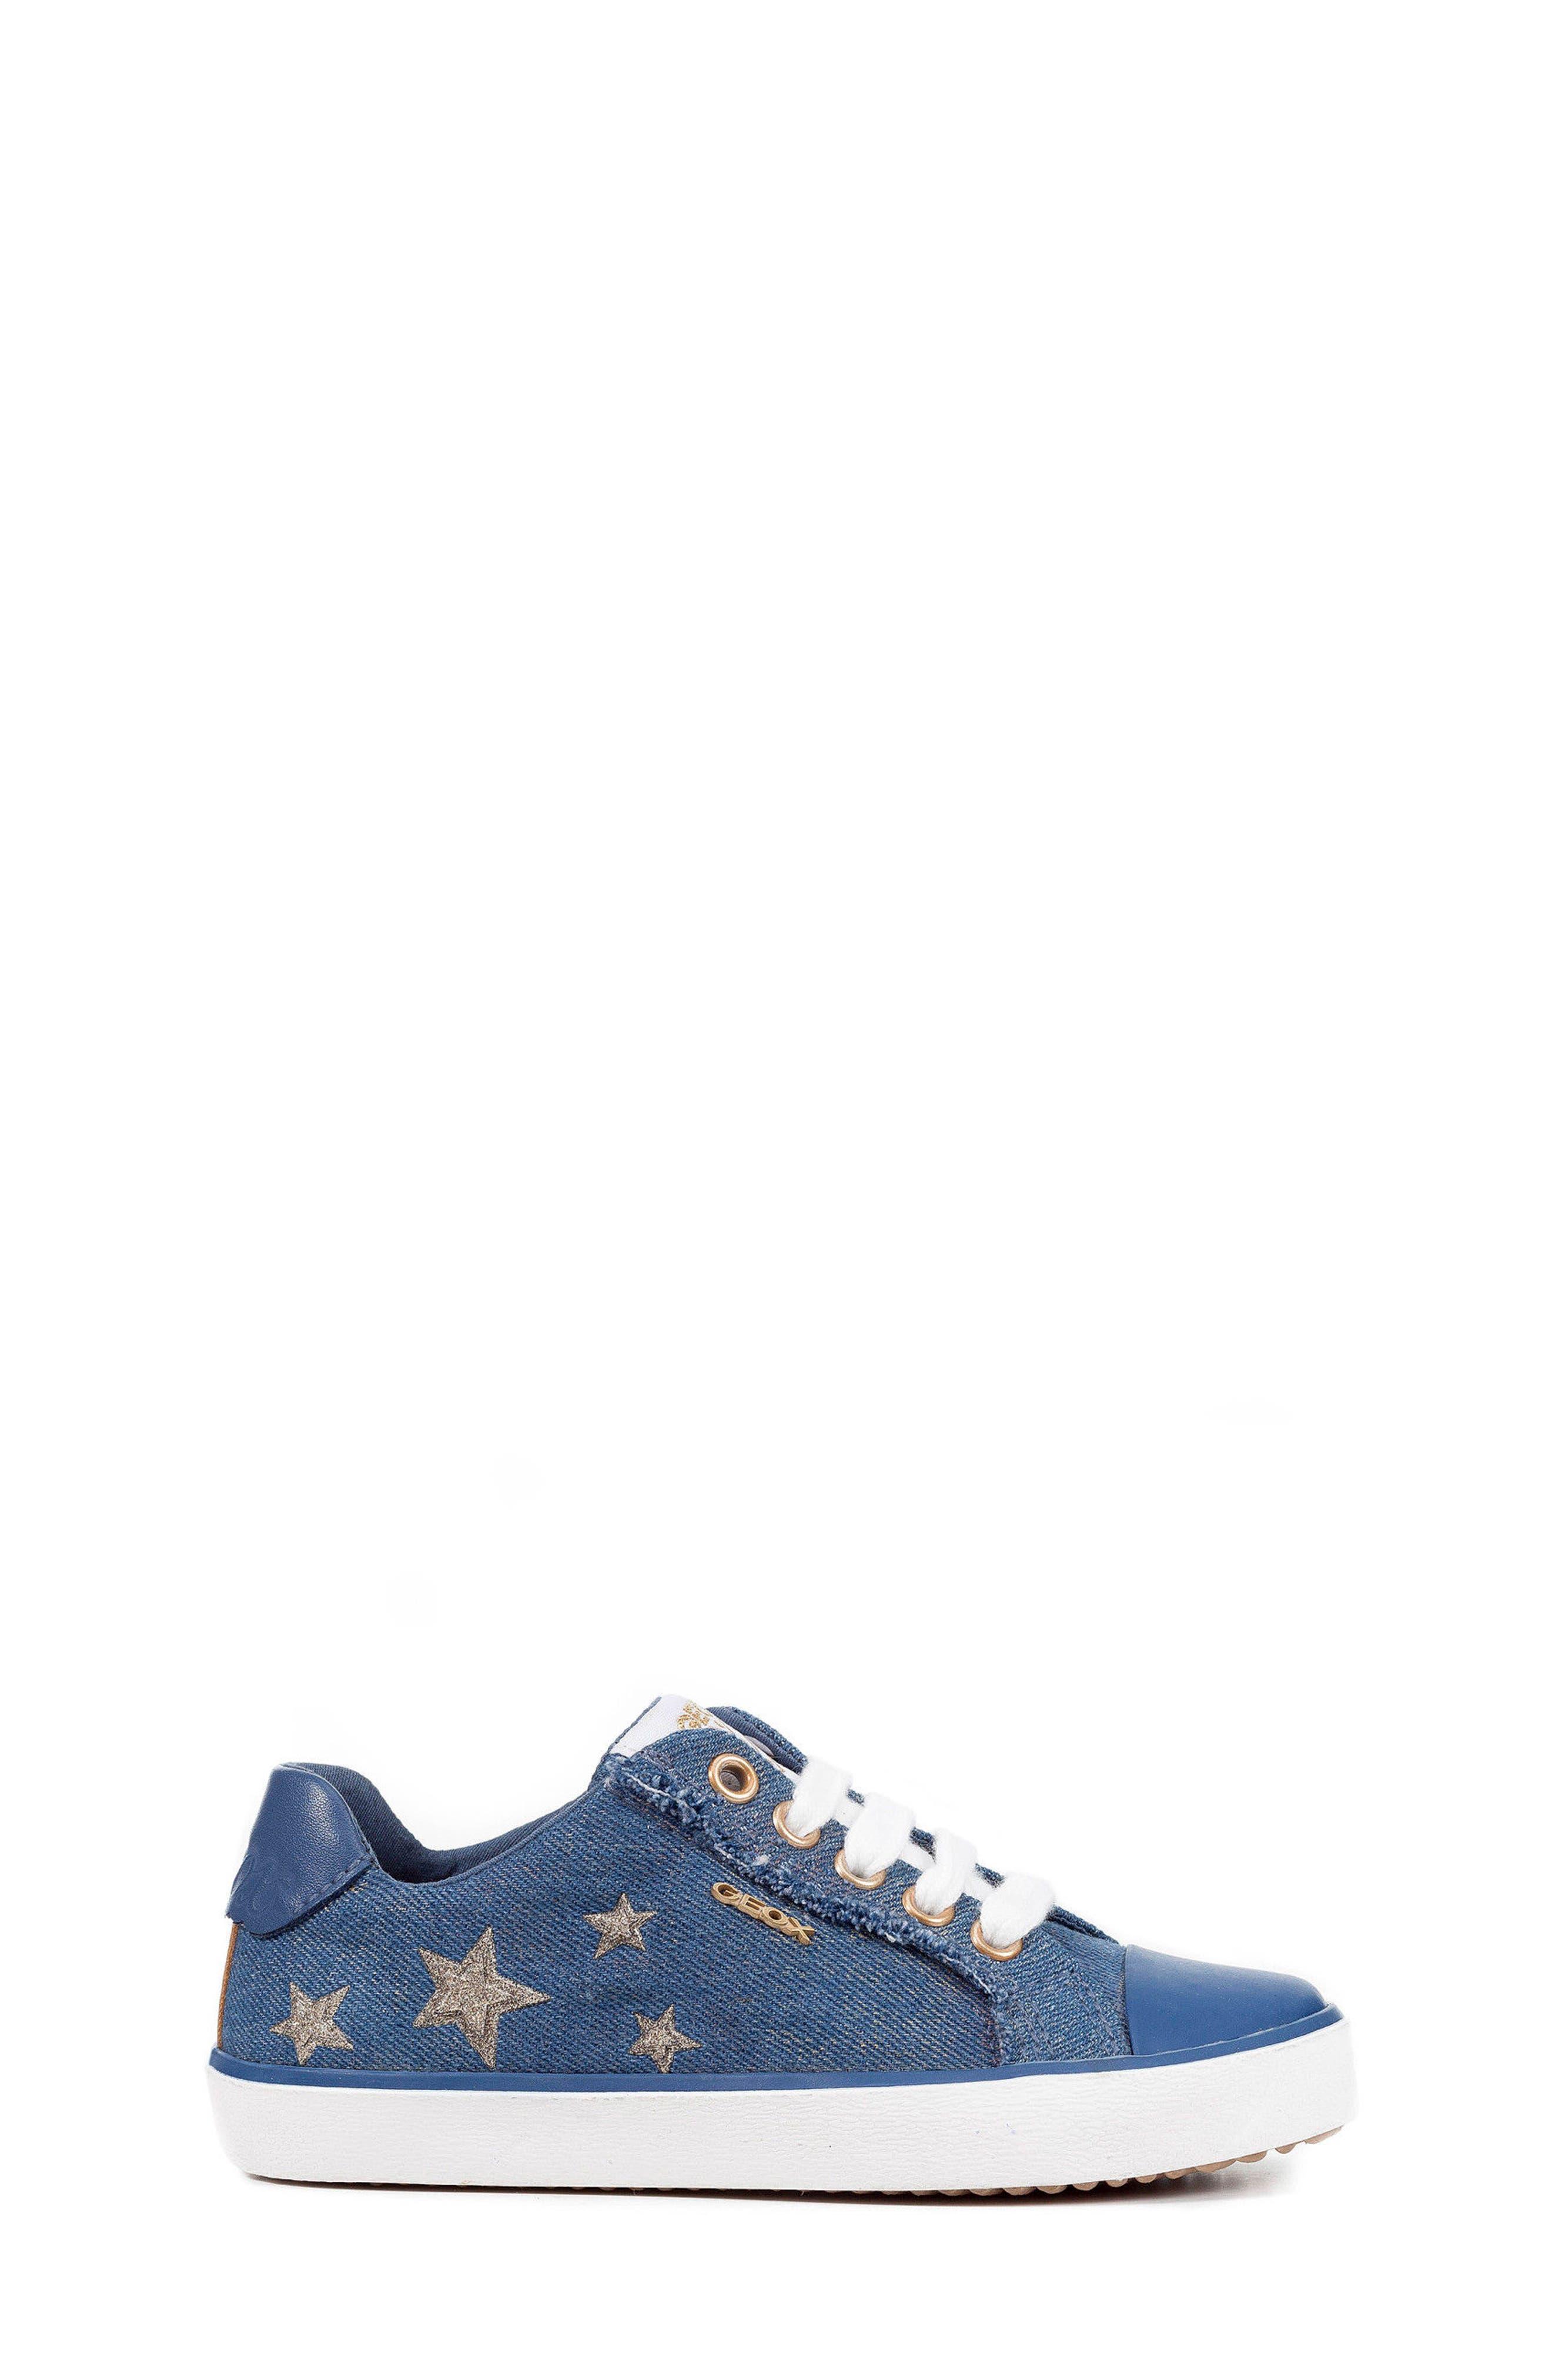 Kilwi Low Top Sneaker,                             Alternate thumbnail 3, color,                             Avio